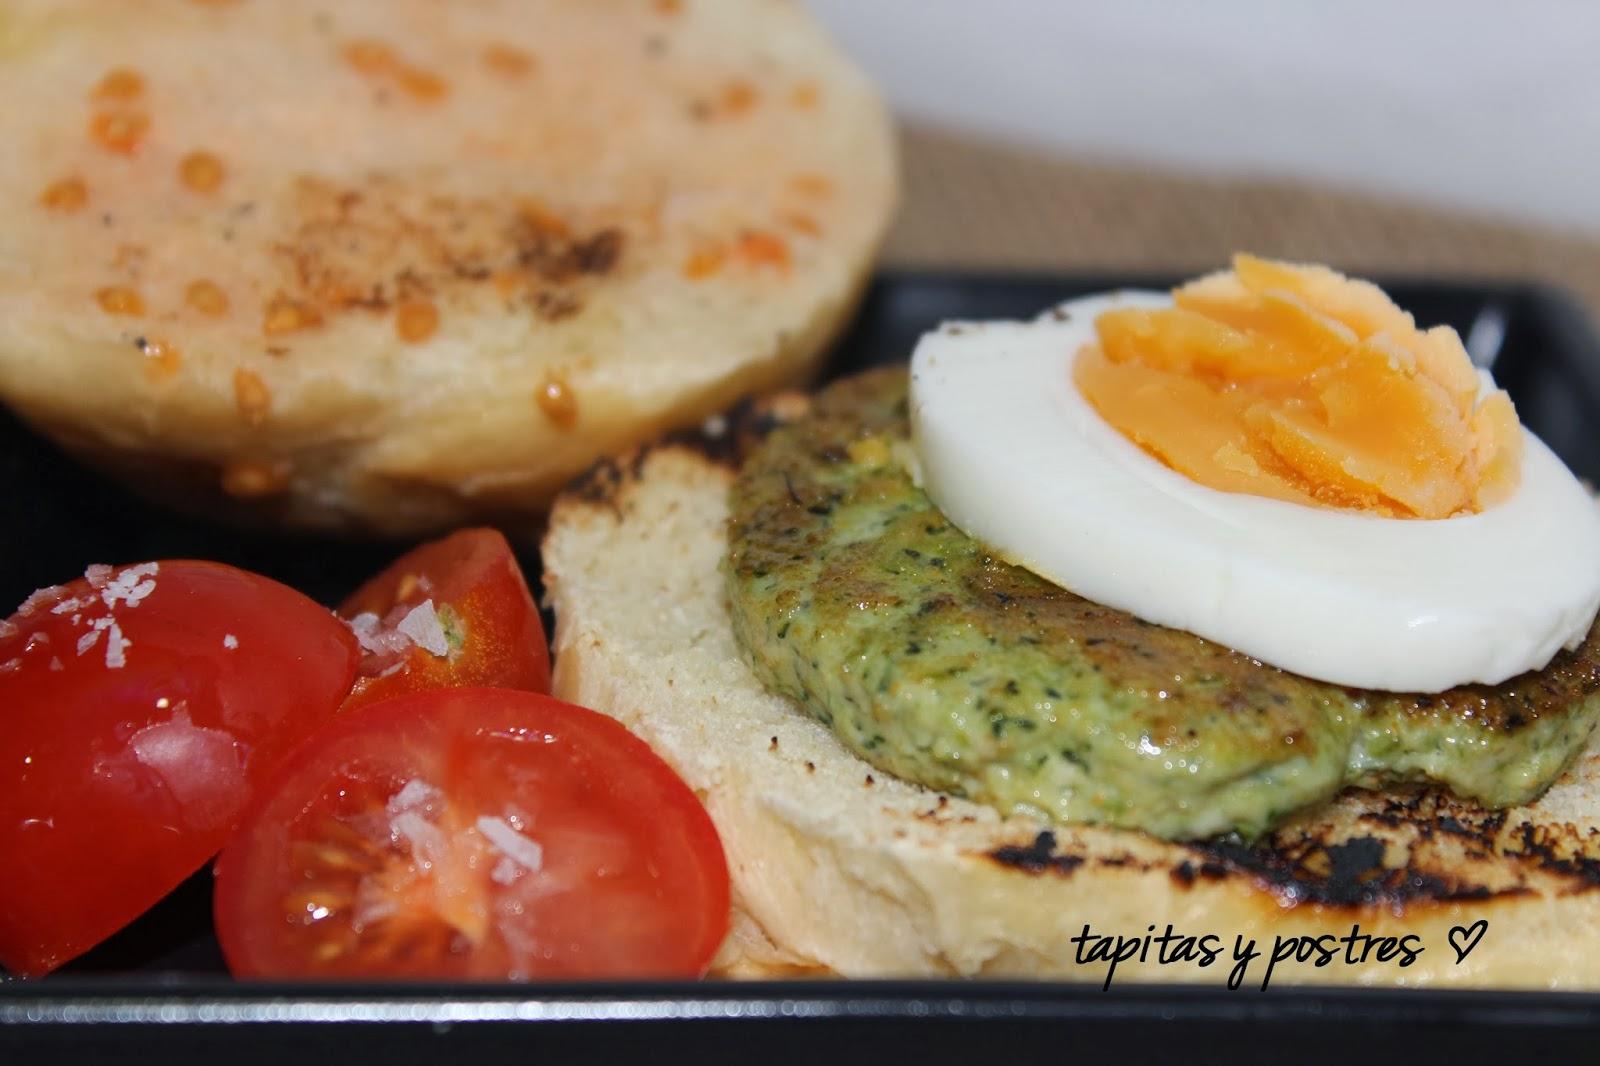 Tapitas y postres hamburguesa de pollo y verduras - Hamburguesa de verduras ...